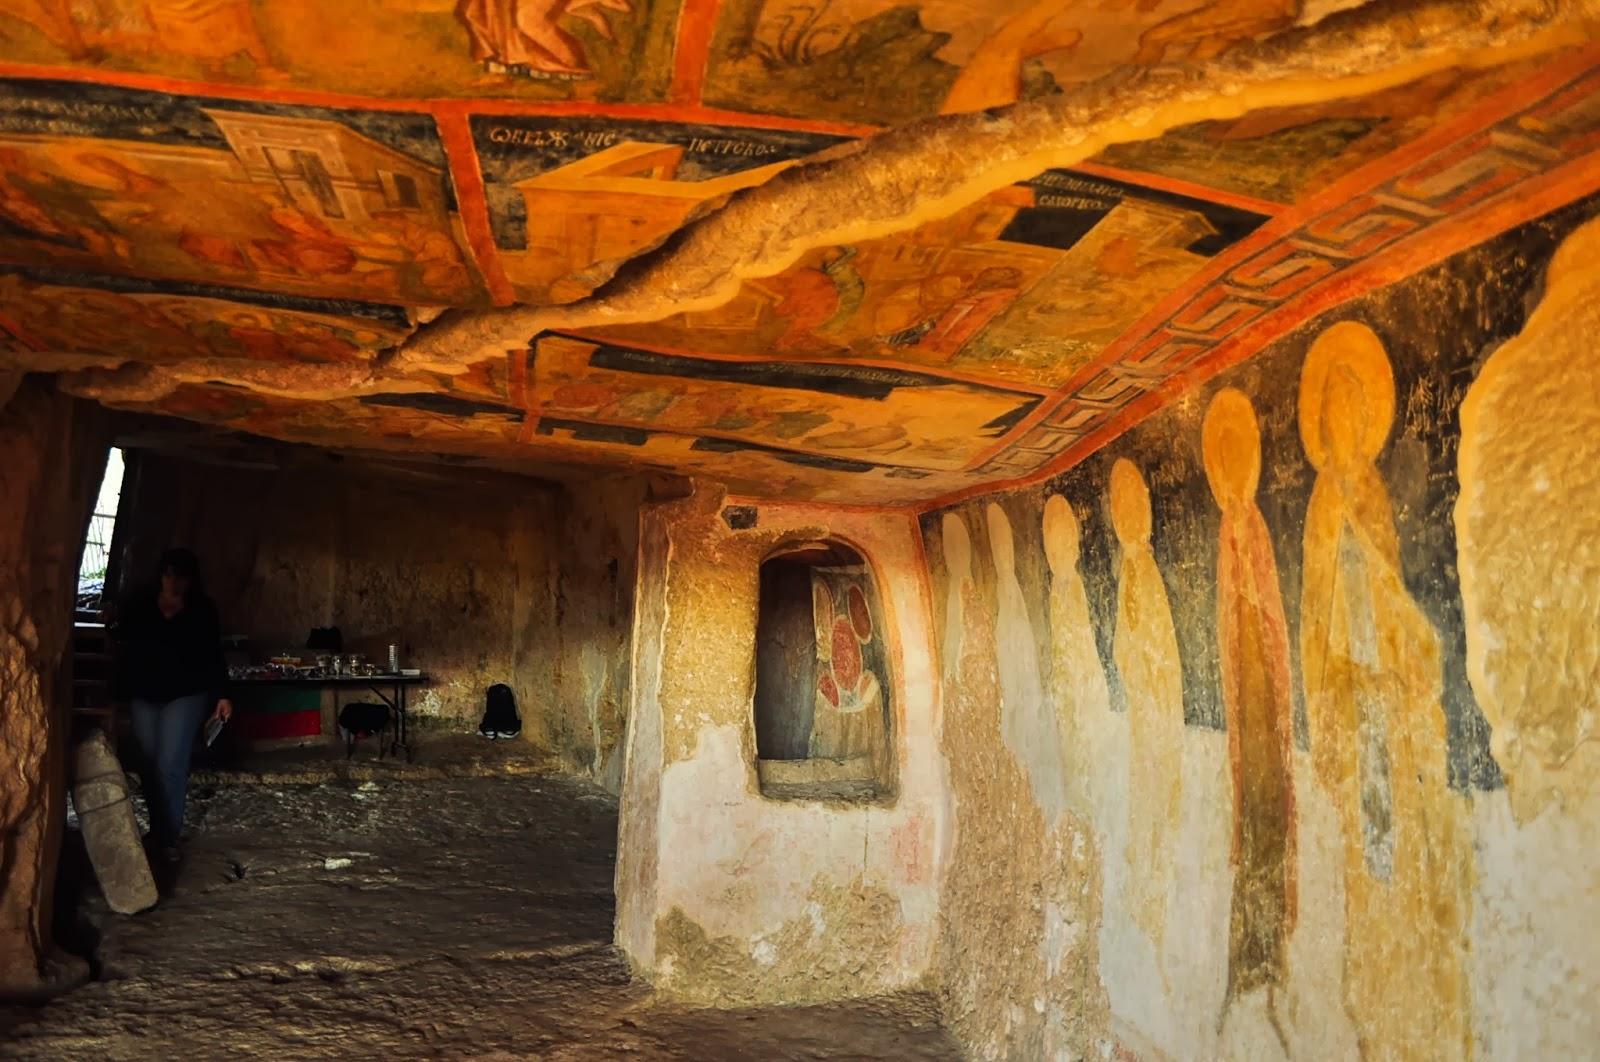 """Скалните манастири и църкви в района на с. Иваново са задължителна спирка за любознателния пътешественик. Сред тях се откроява църквата """"Св. Богородица"""" от 13-ти век. Стенописите й са  включени в списъка на ЮНЕСКО за световно културно наследство. Не става ясно обаче защо сергията със сувенири е разположена в самия храм и то на мястото на някогашния олтар…"""